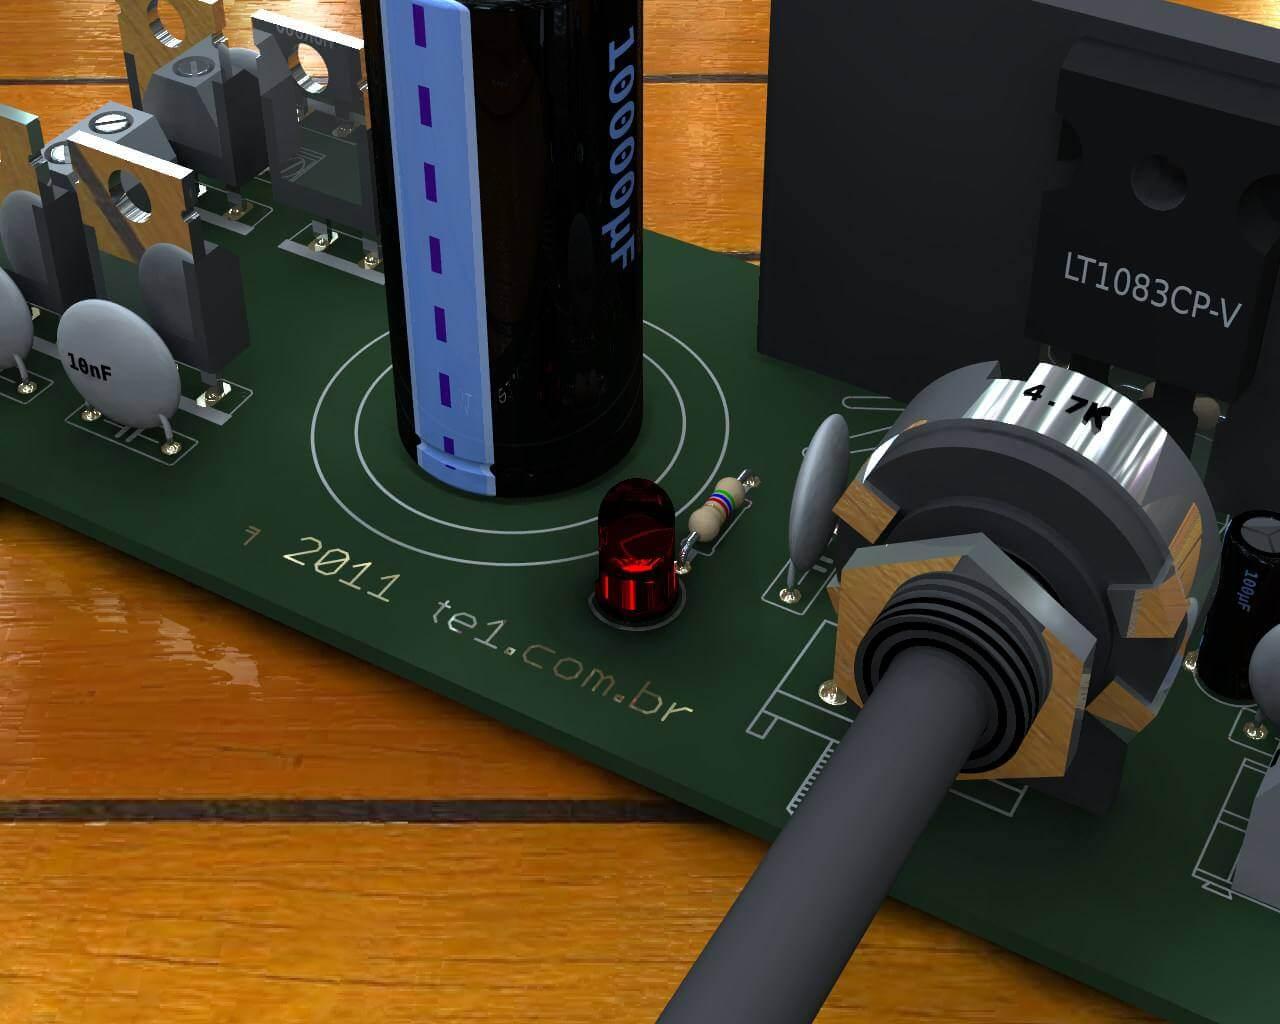 Circuito de fonte de alimentação ajustável de alta corrente com LT1083 - 1.2 a 30 Volts por 7.5 Amperes